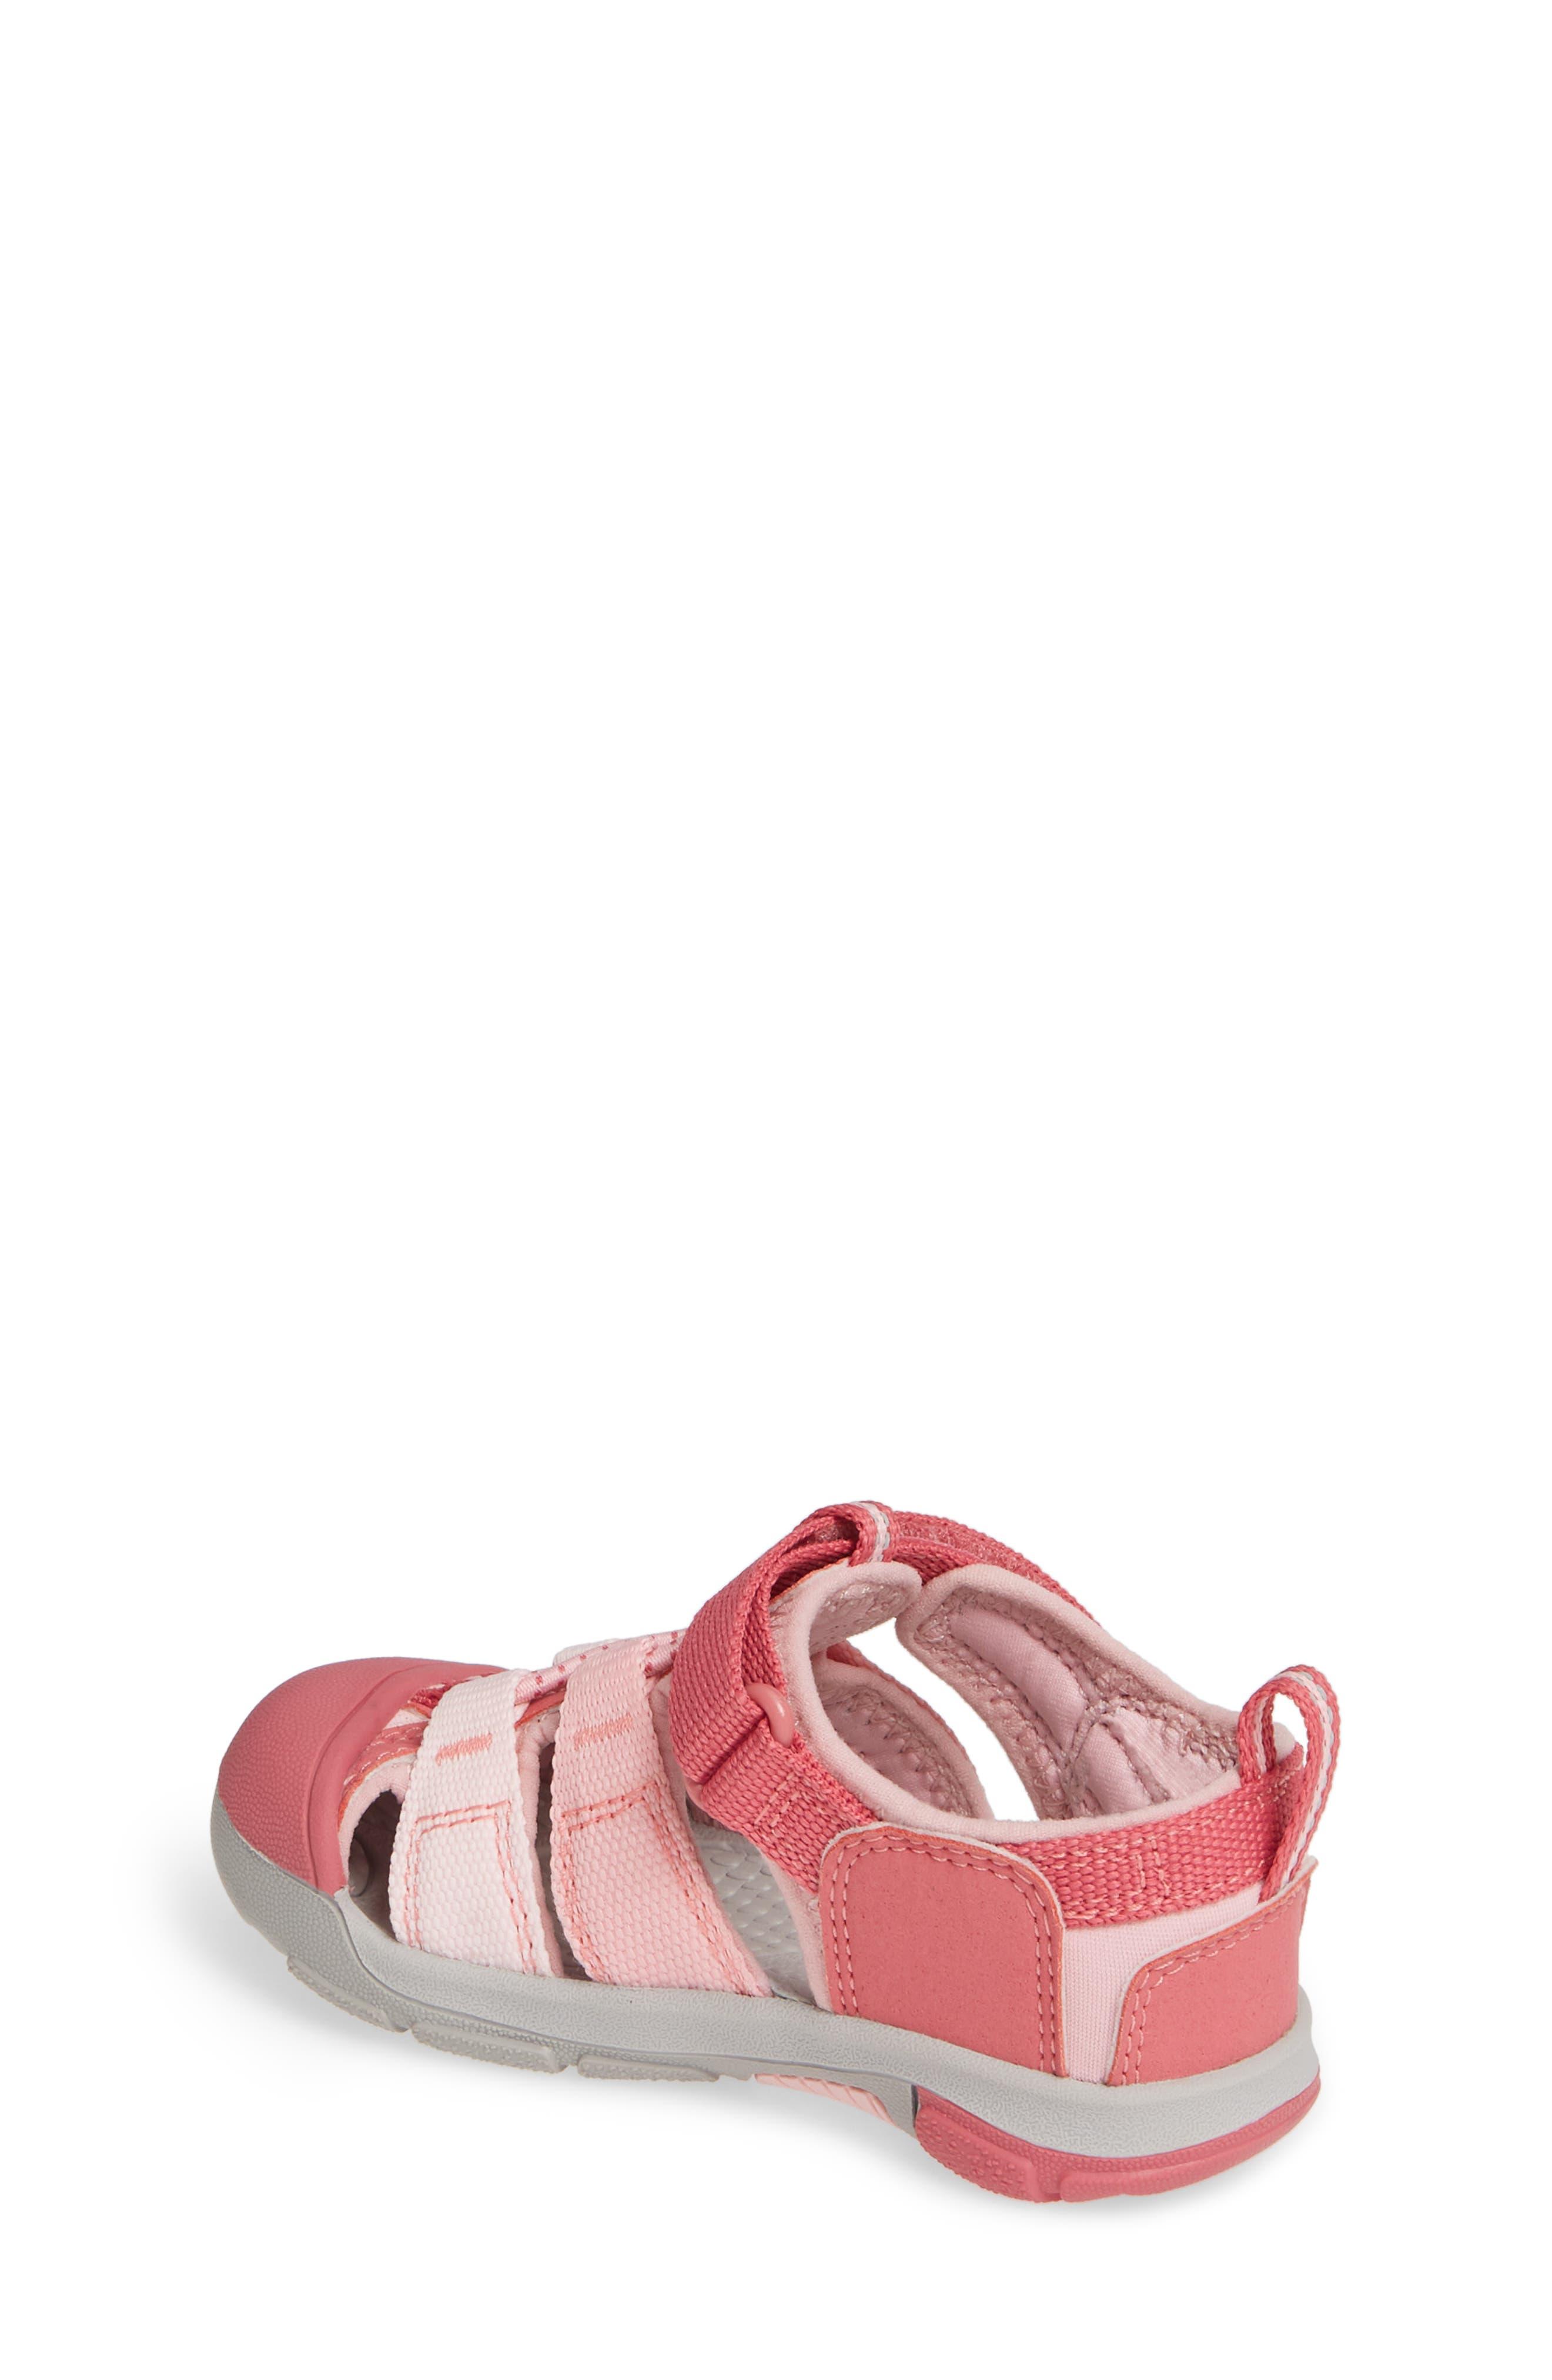 e3cf28813e61 Girls  Keen Shoes